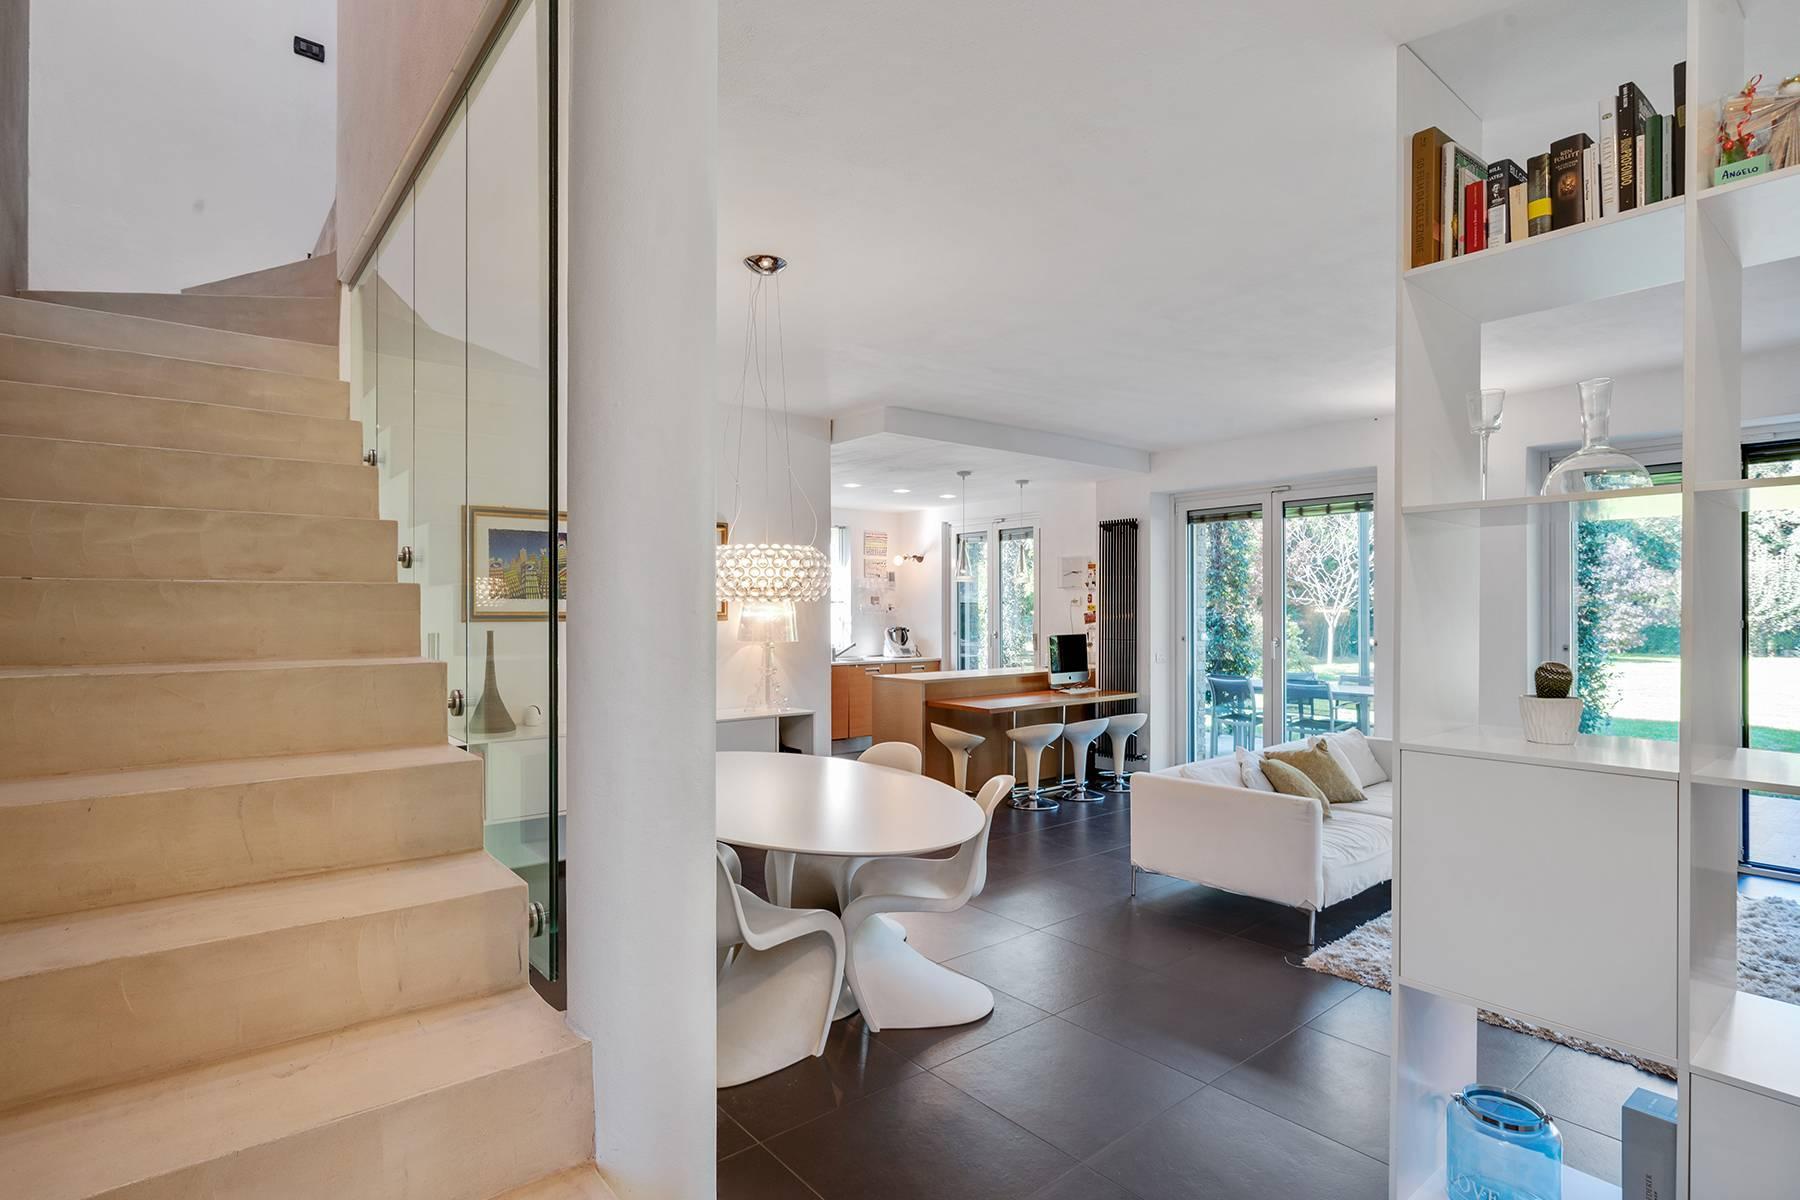 Maison individuelle entièrement rénovée en style moderne - 2